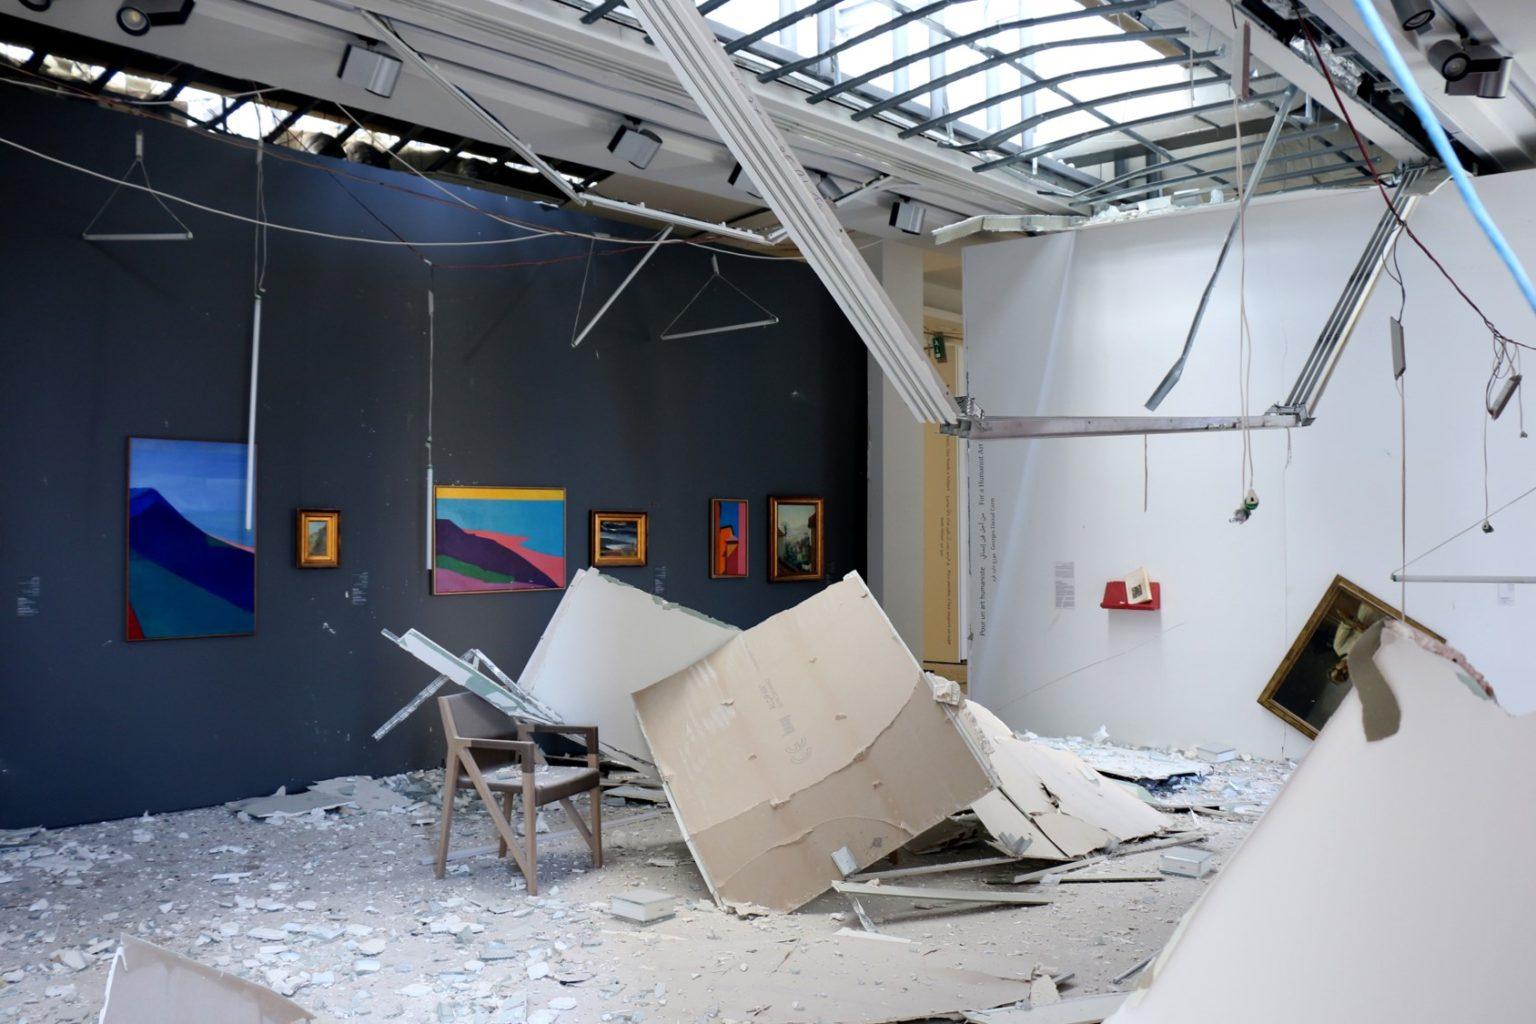 Bejrútban a képzőművészeti színtér is romokban hever